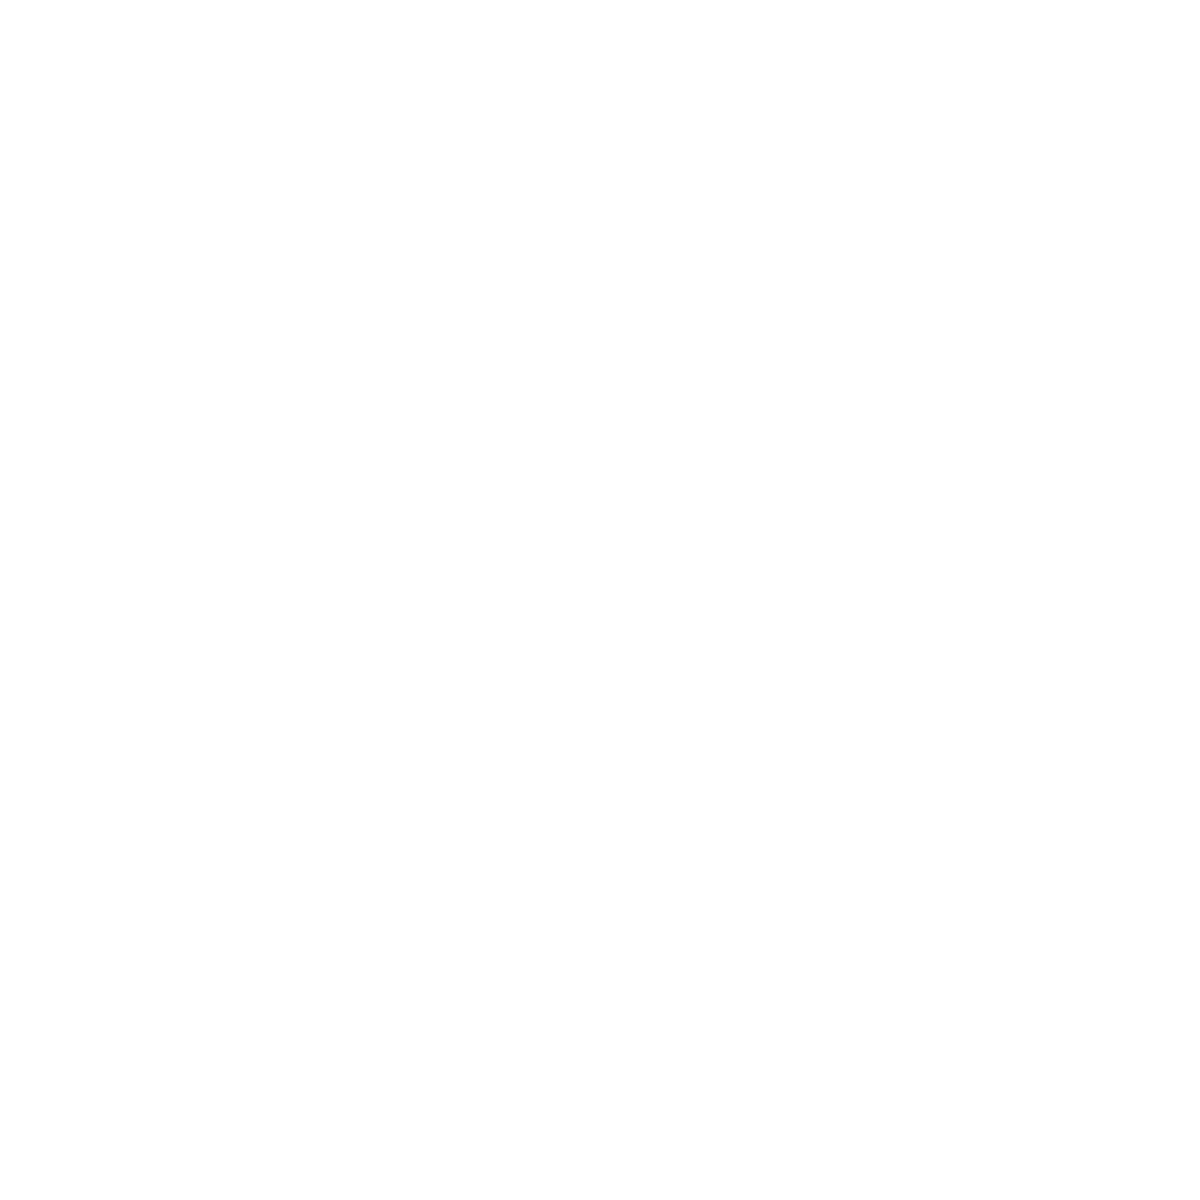 Bild 2 von BAUFIX natural Express-Deckfarbe weiß